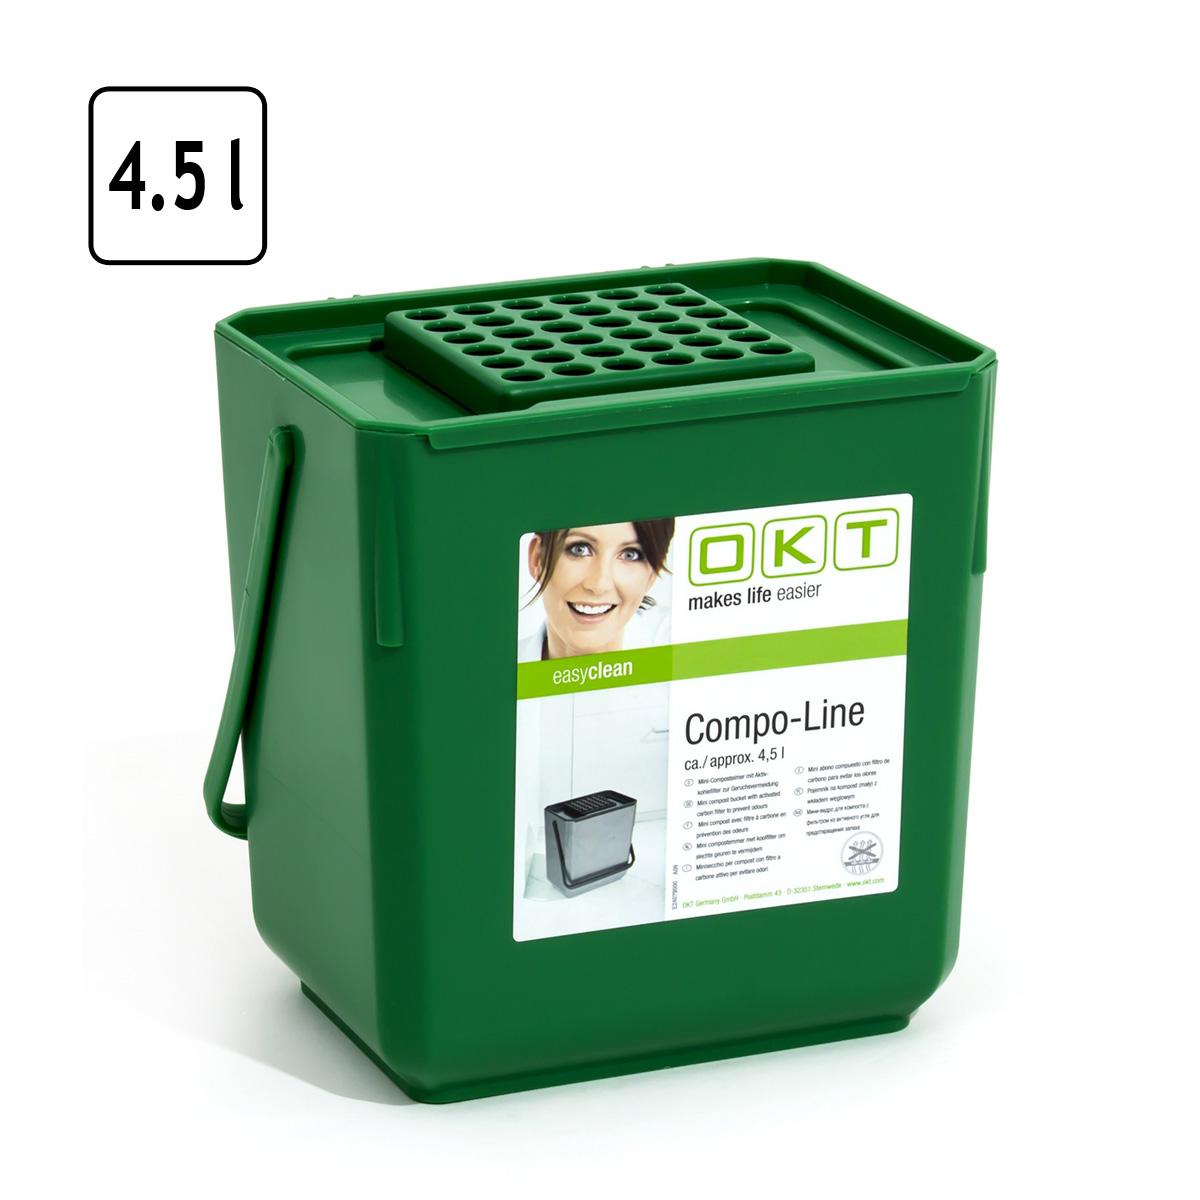 mini kompost eimer mit aktivkohlefilter 4,5 liter komposter